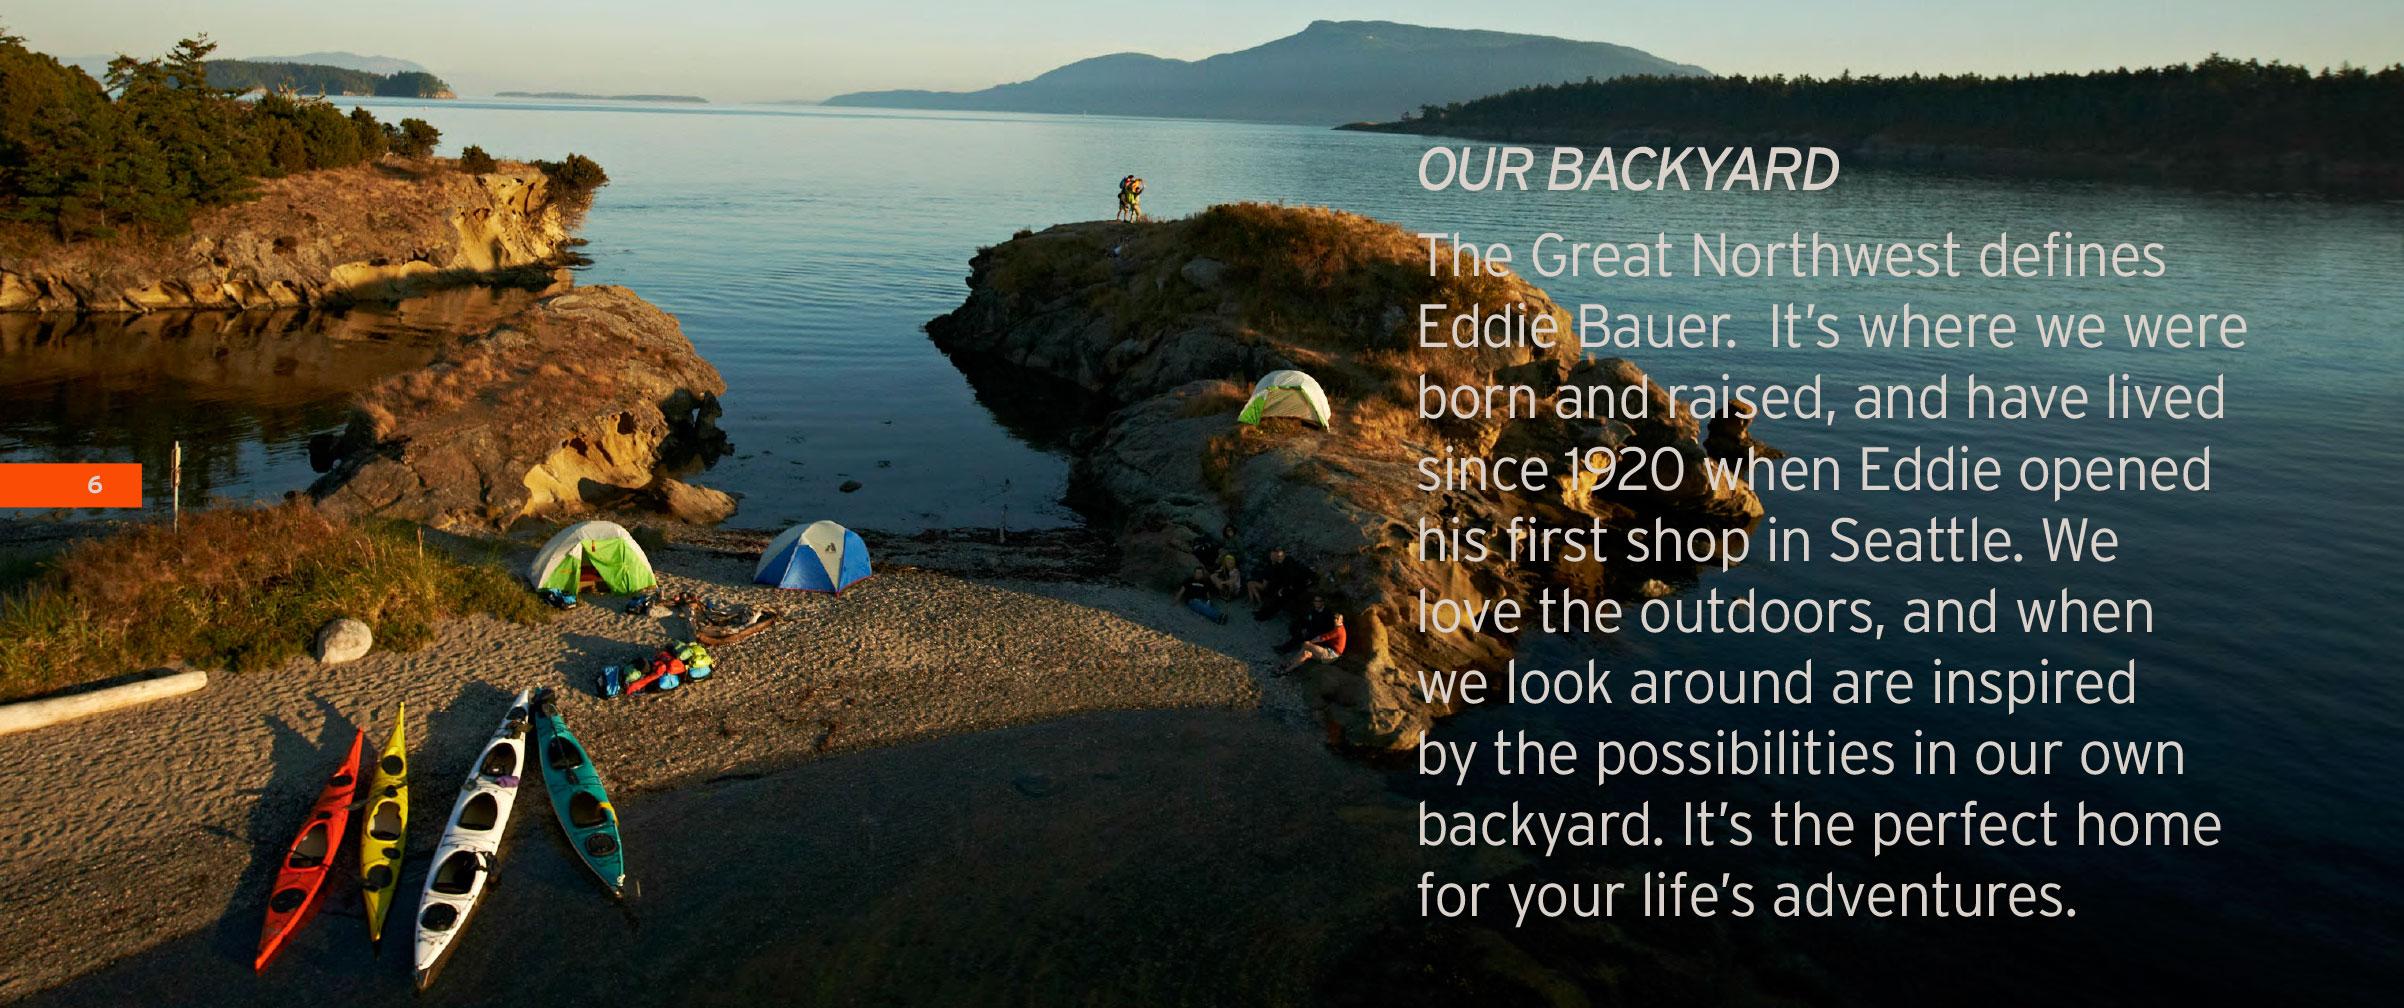 EDDIE BAUER — GINA DAVIS